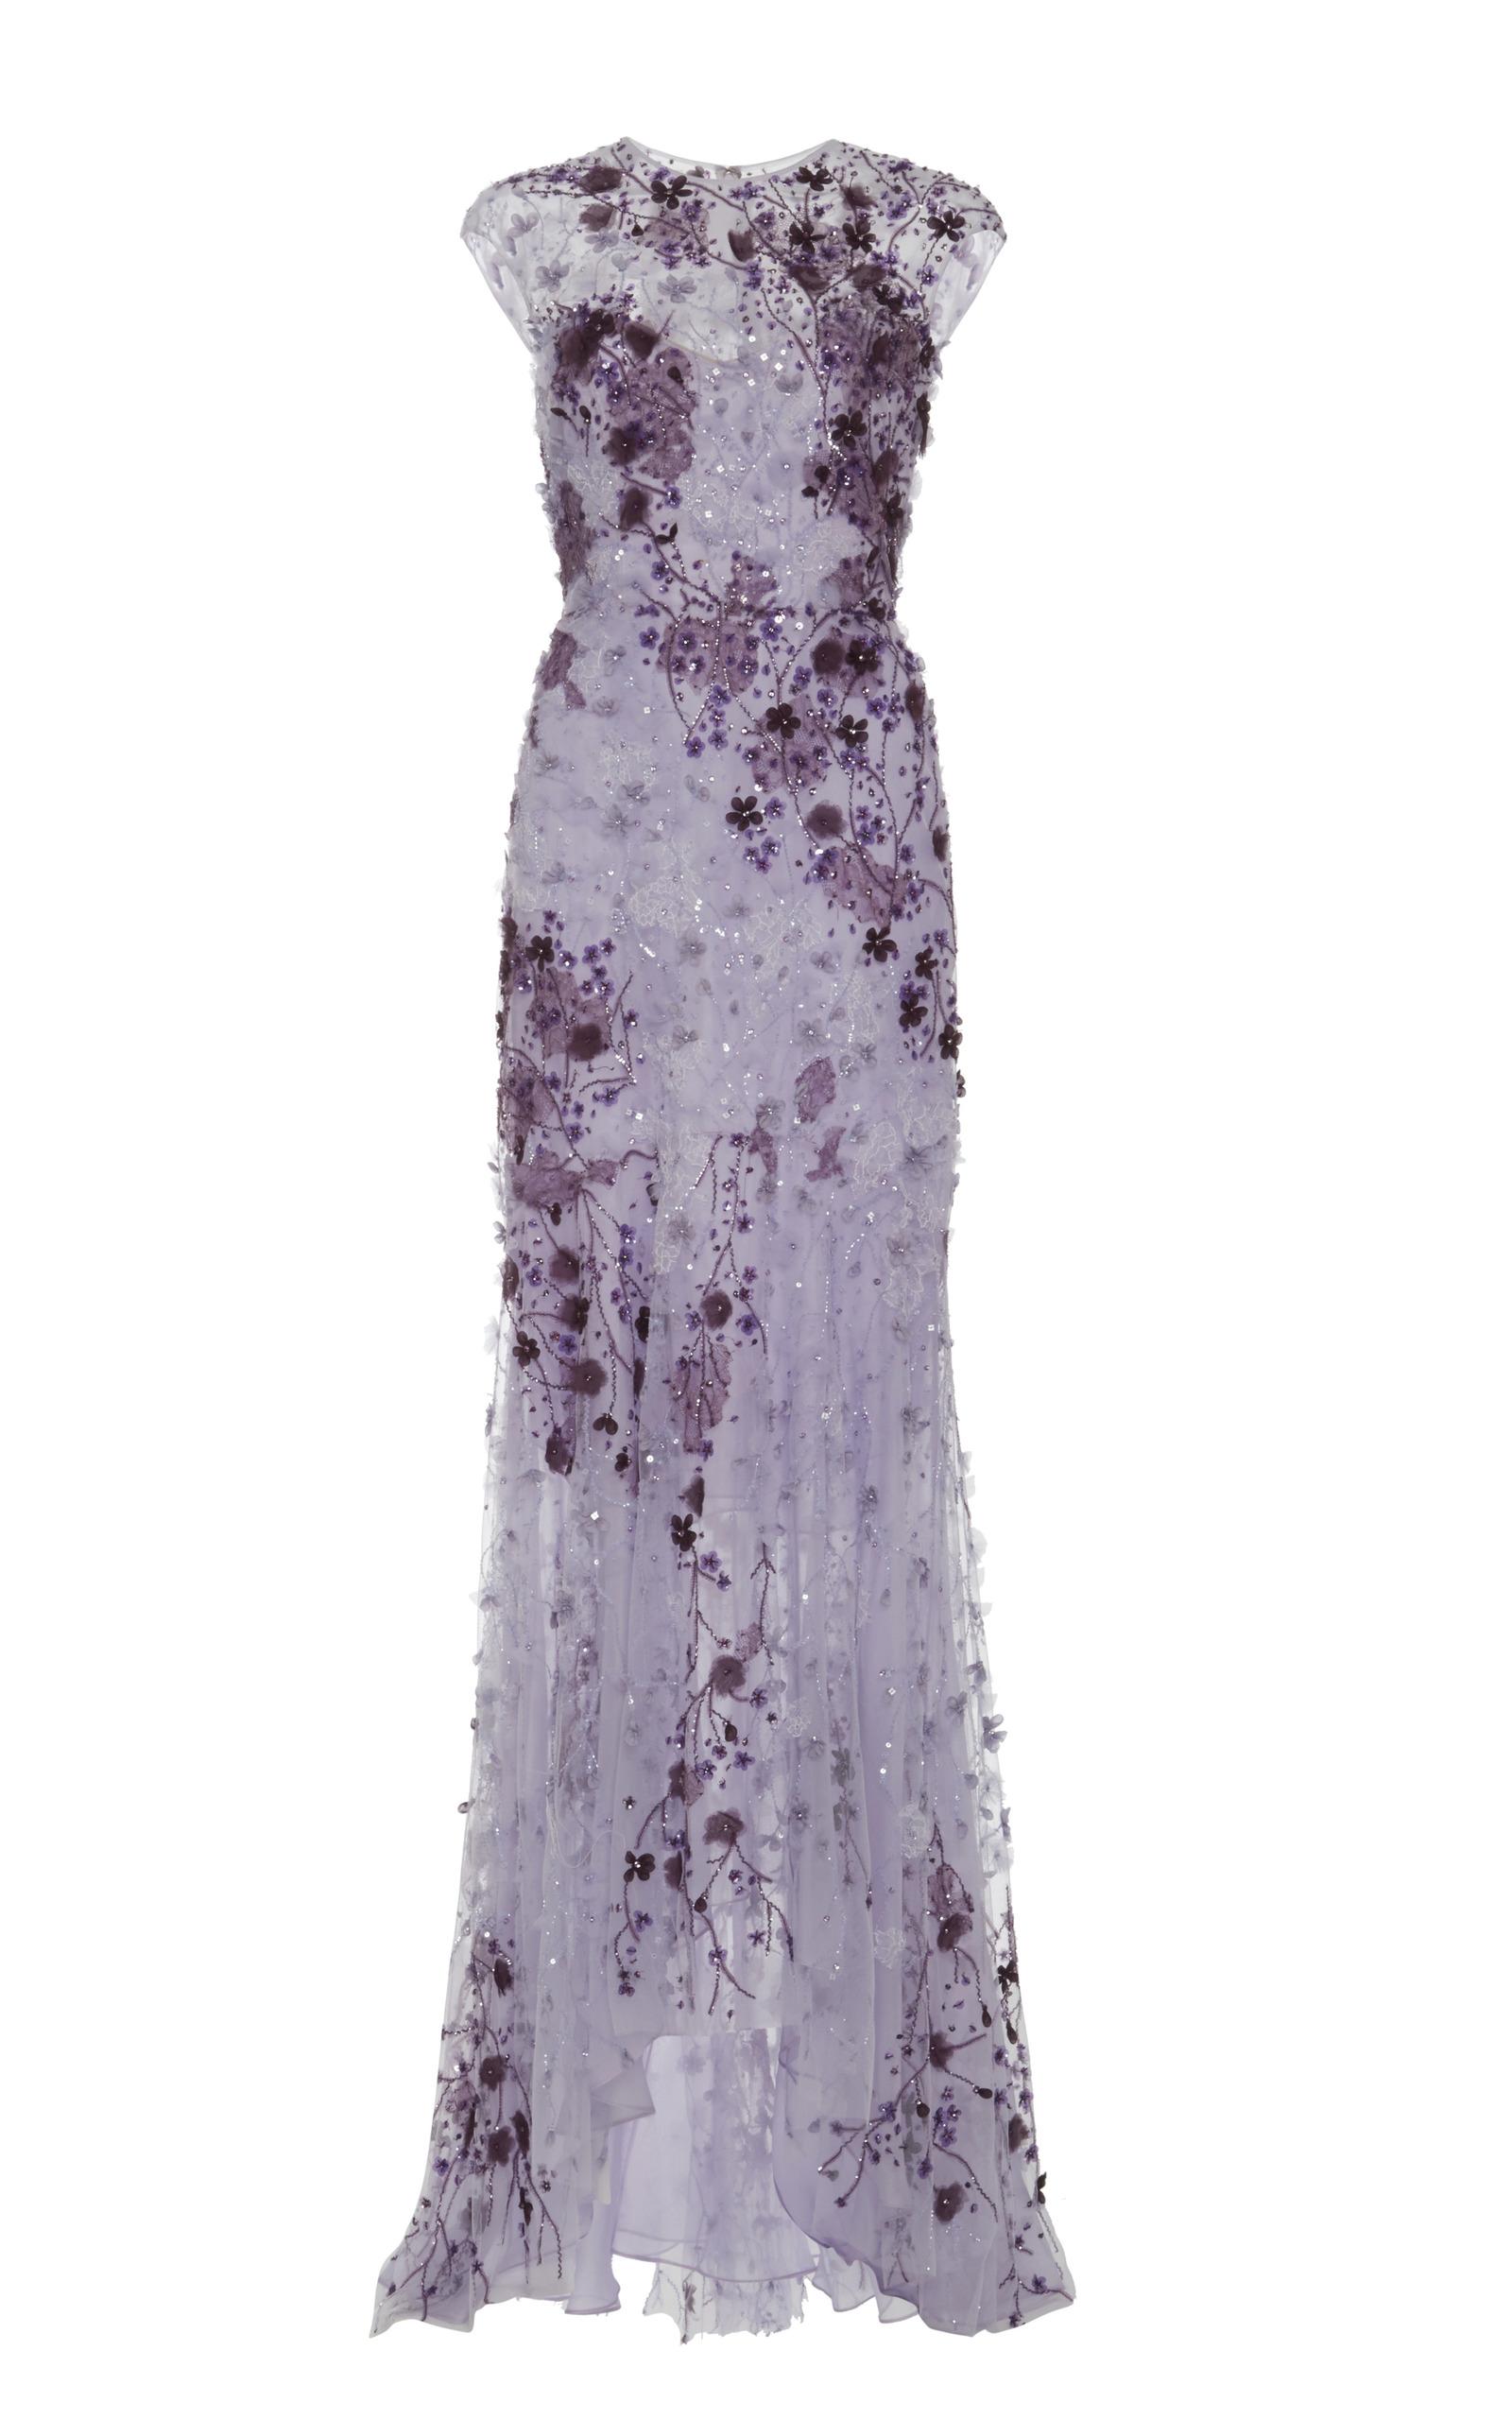 Lavender Ombre Lace Embroidered Gown by Monique | Moda Operandi